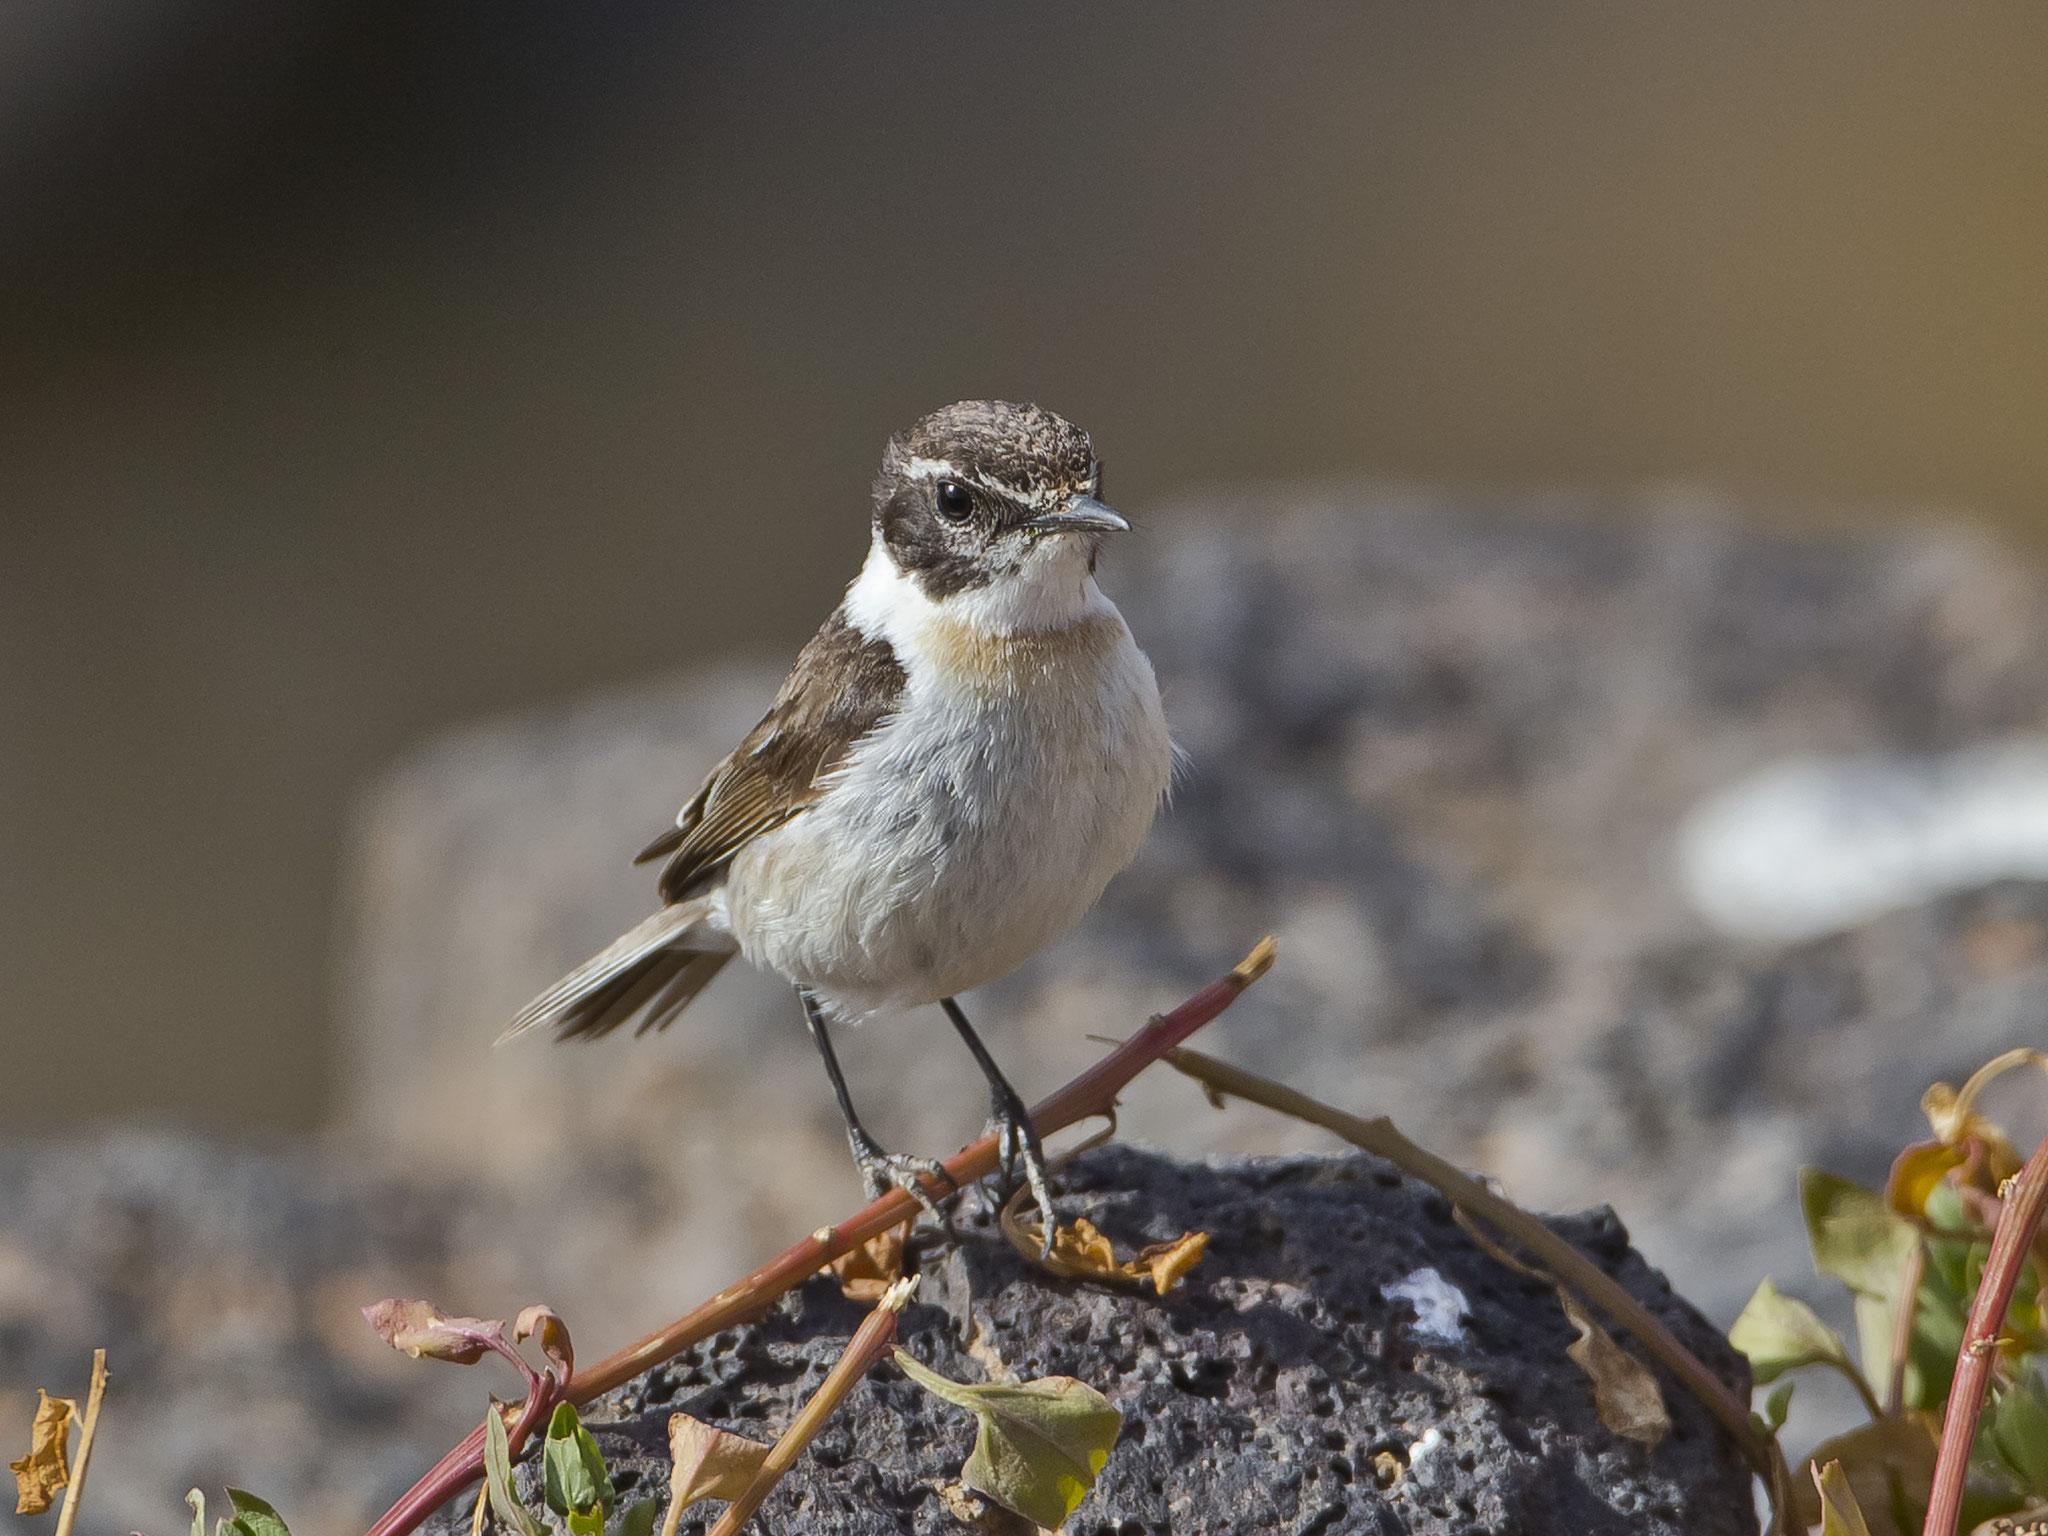 ... unglaublich, dass es von dieser Art weltweit nur noch ca. 1000 Brutpaare und nur auf Fuerteventura gibt. Wir sehen Männchen ...